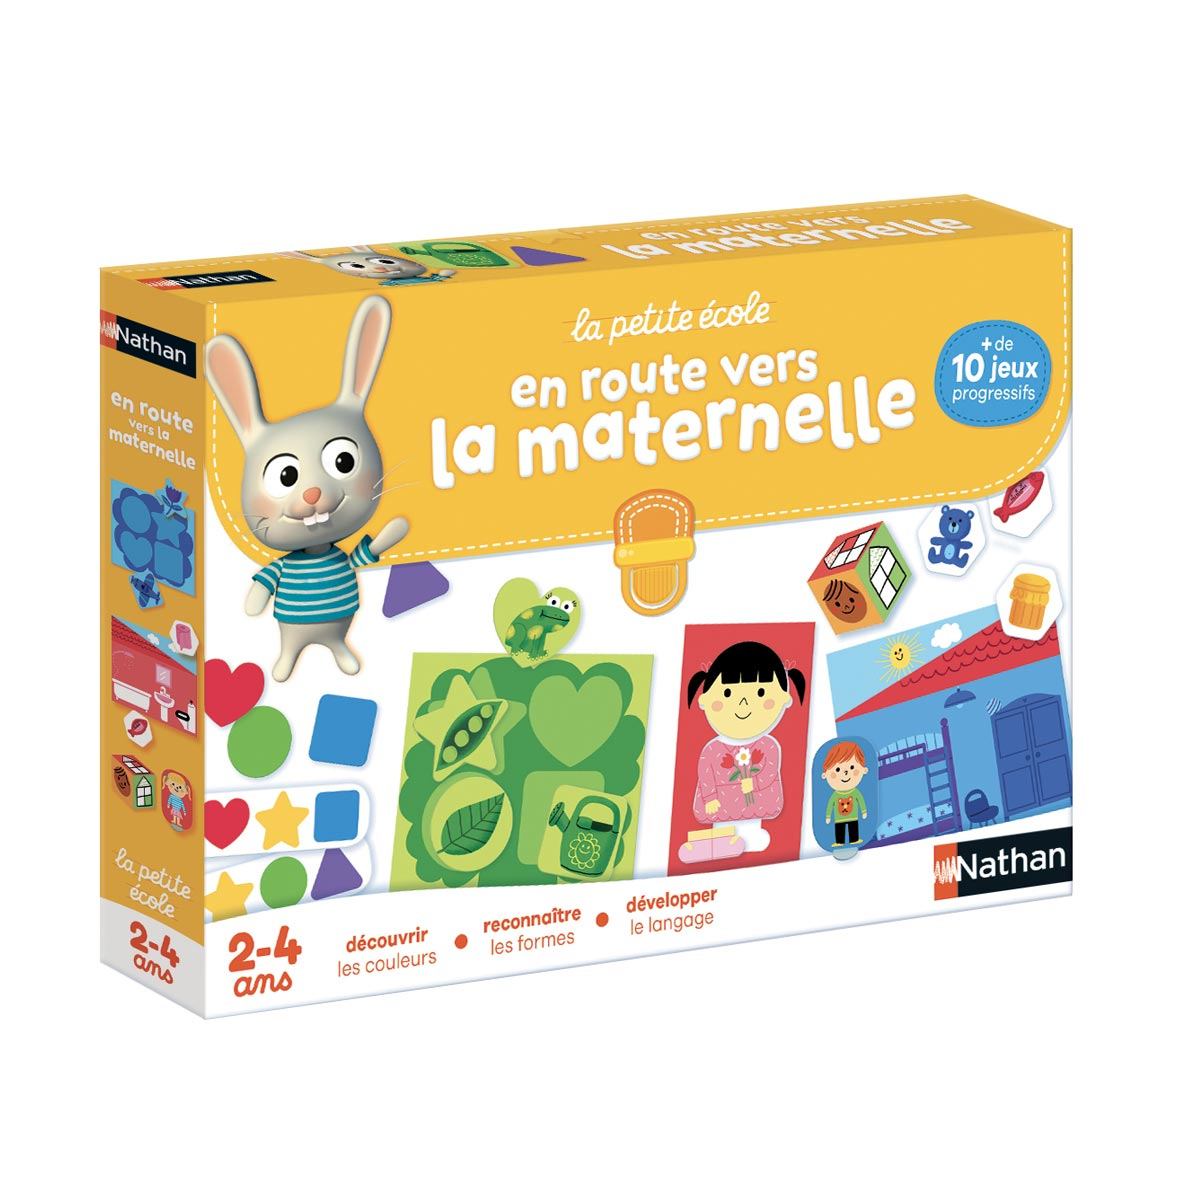 Coffret De Jeux En Route Vers La Maternelle avec Jeux Educatif Pour Tout Petit Gratuit